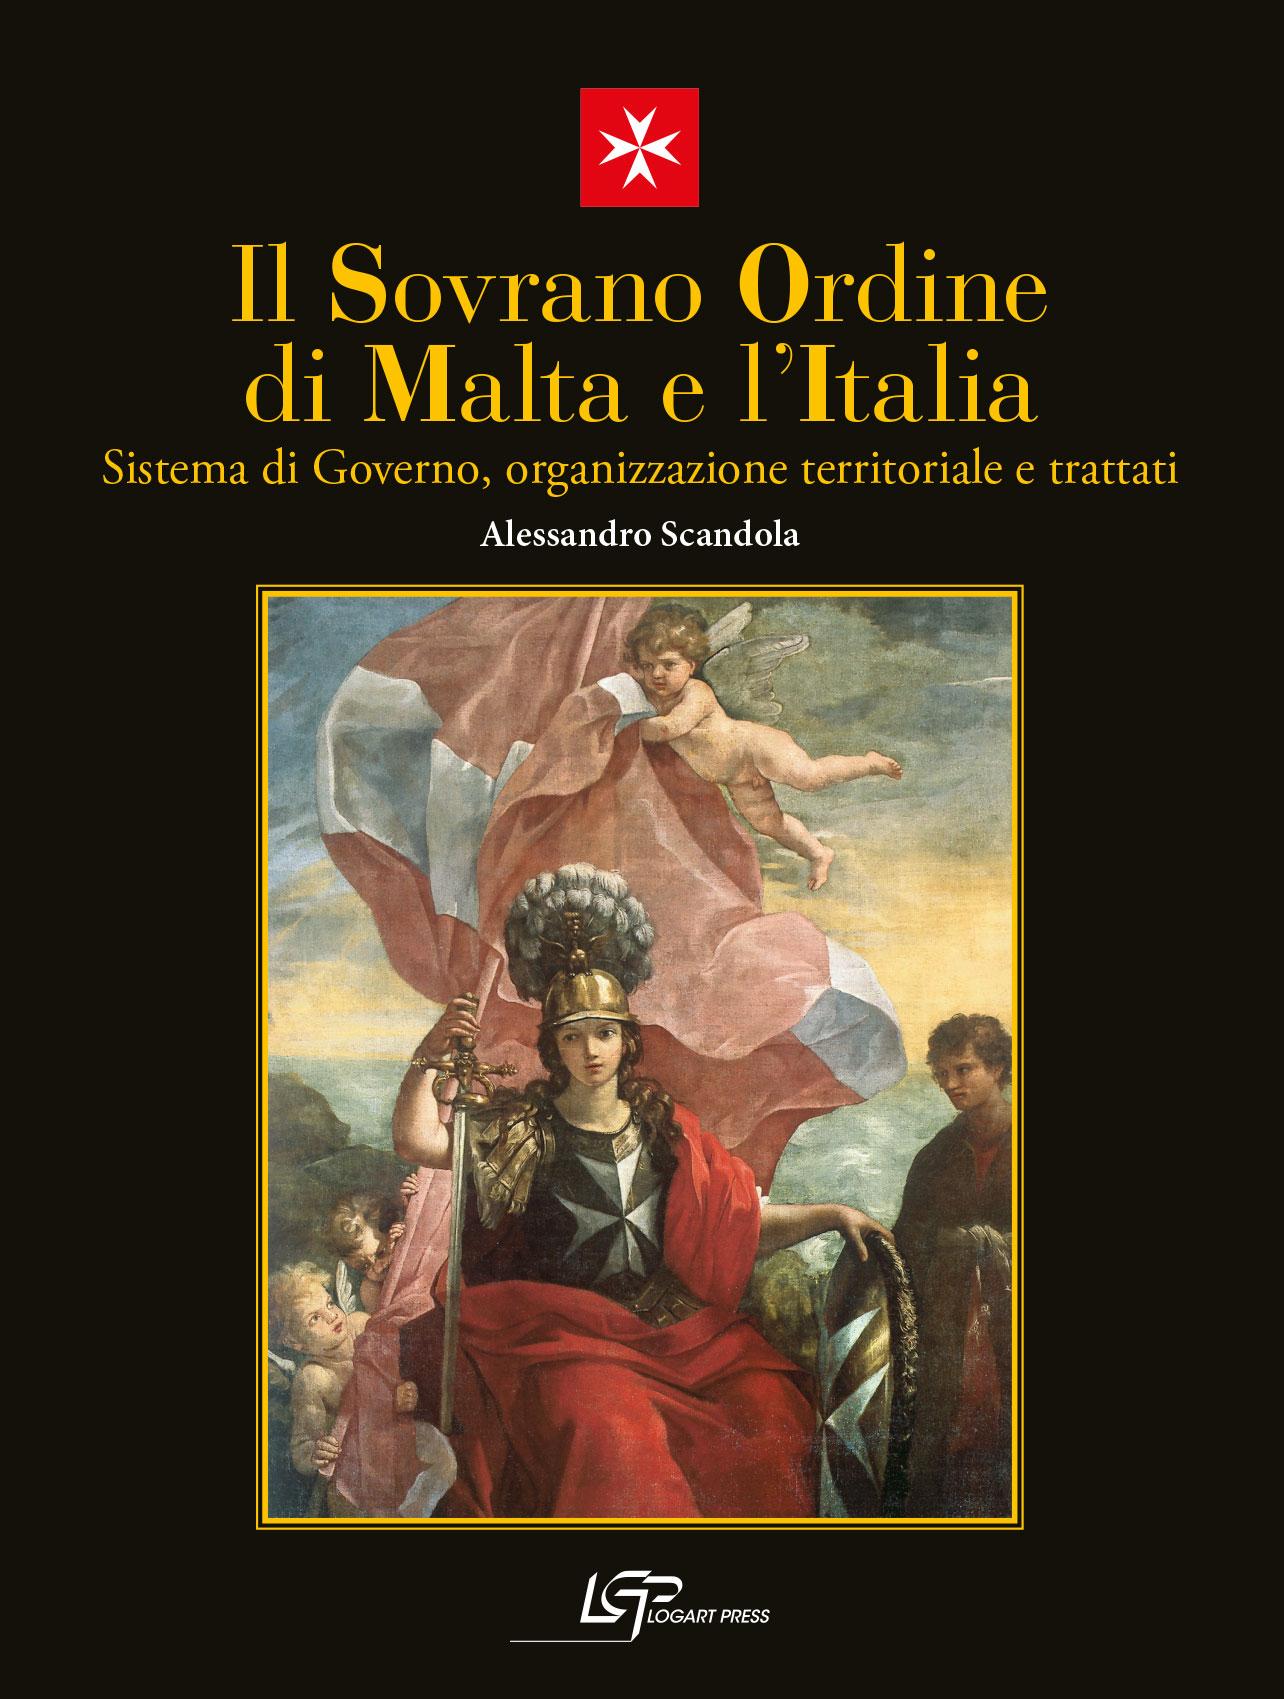 IL SOVRANO ORDINE DI MALTA E L'ITALIA